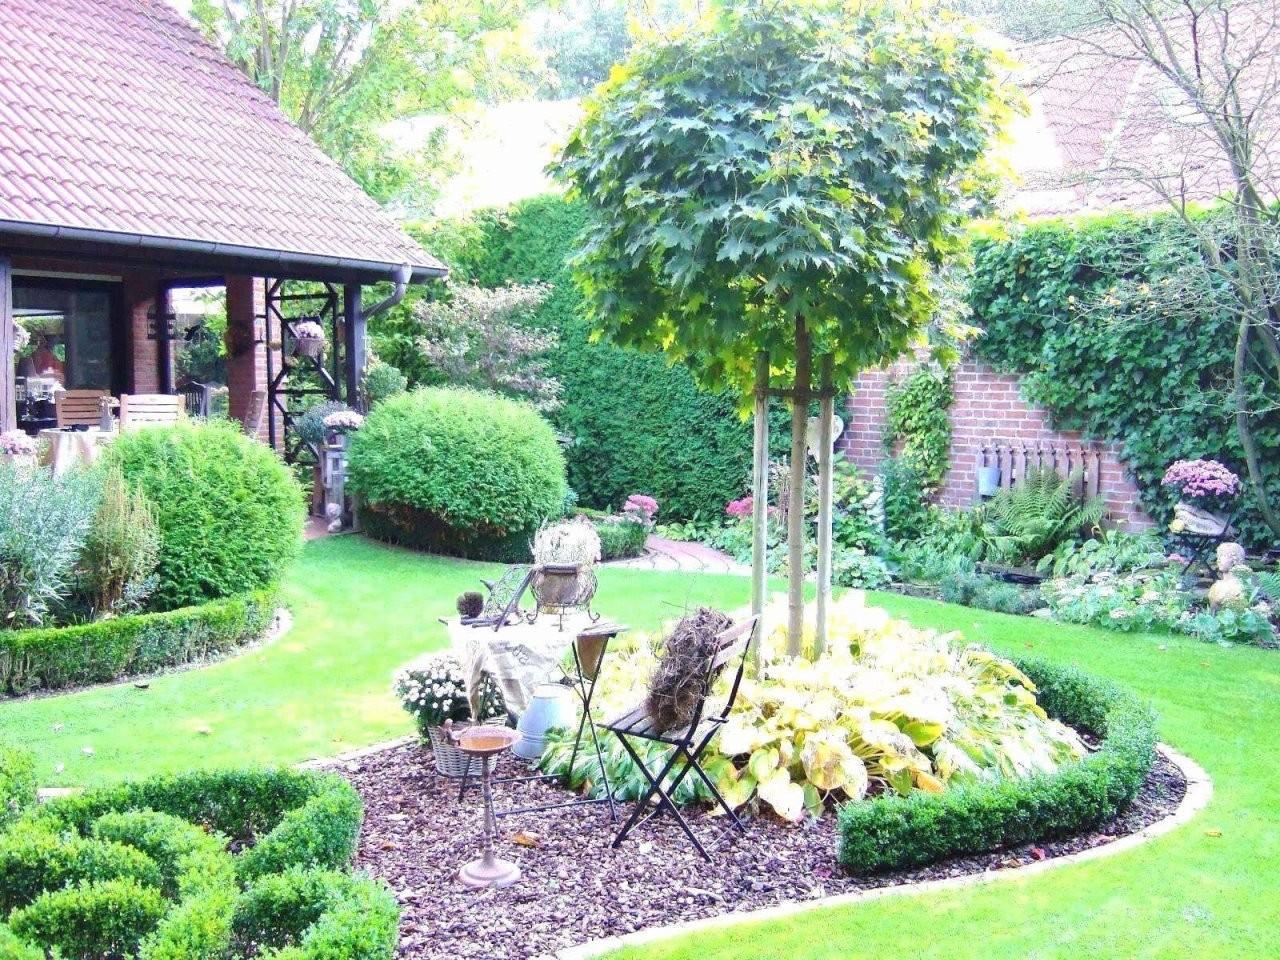 Ideen 40 Für Moderne Gartengestaltung Mit Steinen Und Kies von Gartengestaltung Mit Steinen Und Kies Bilder Photo